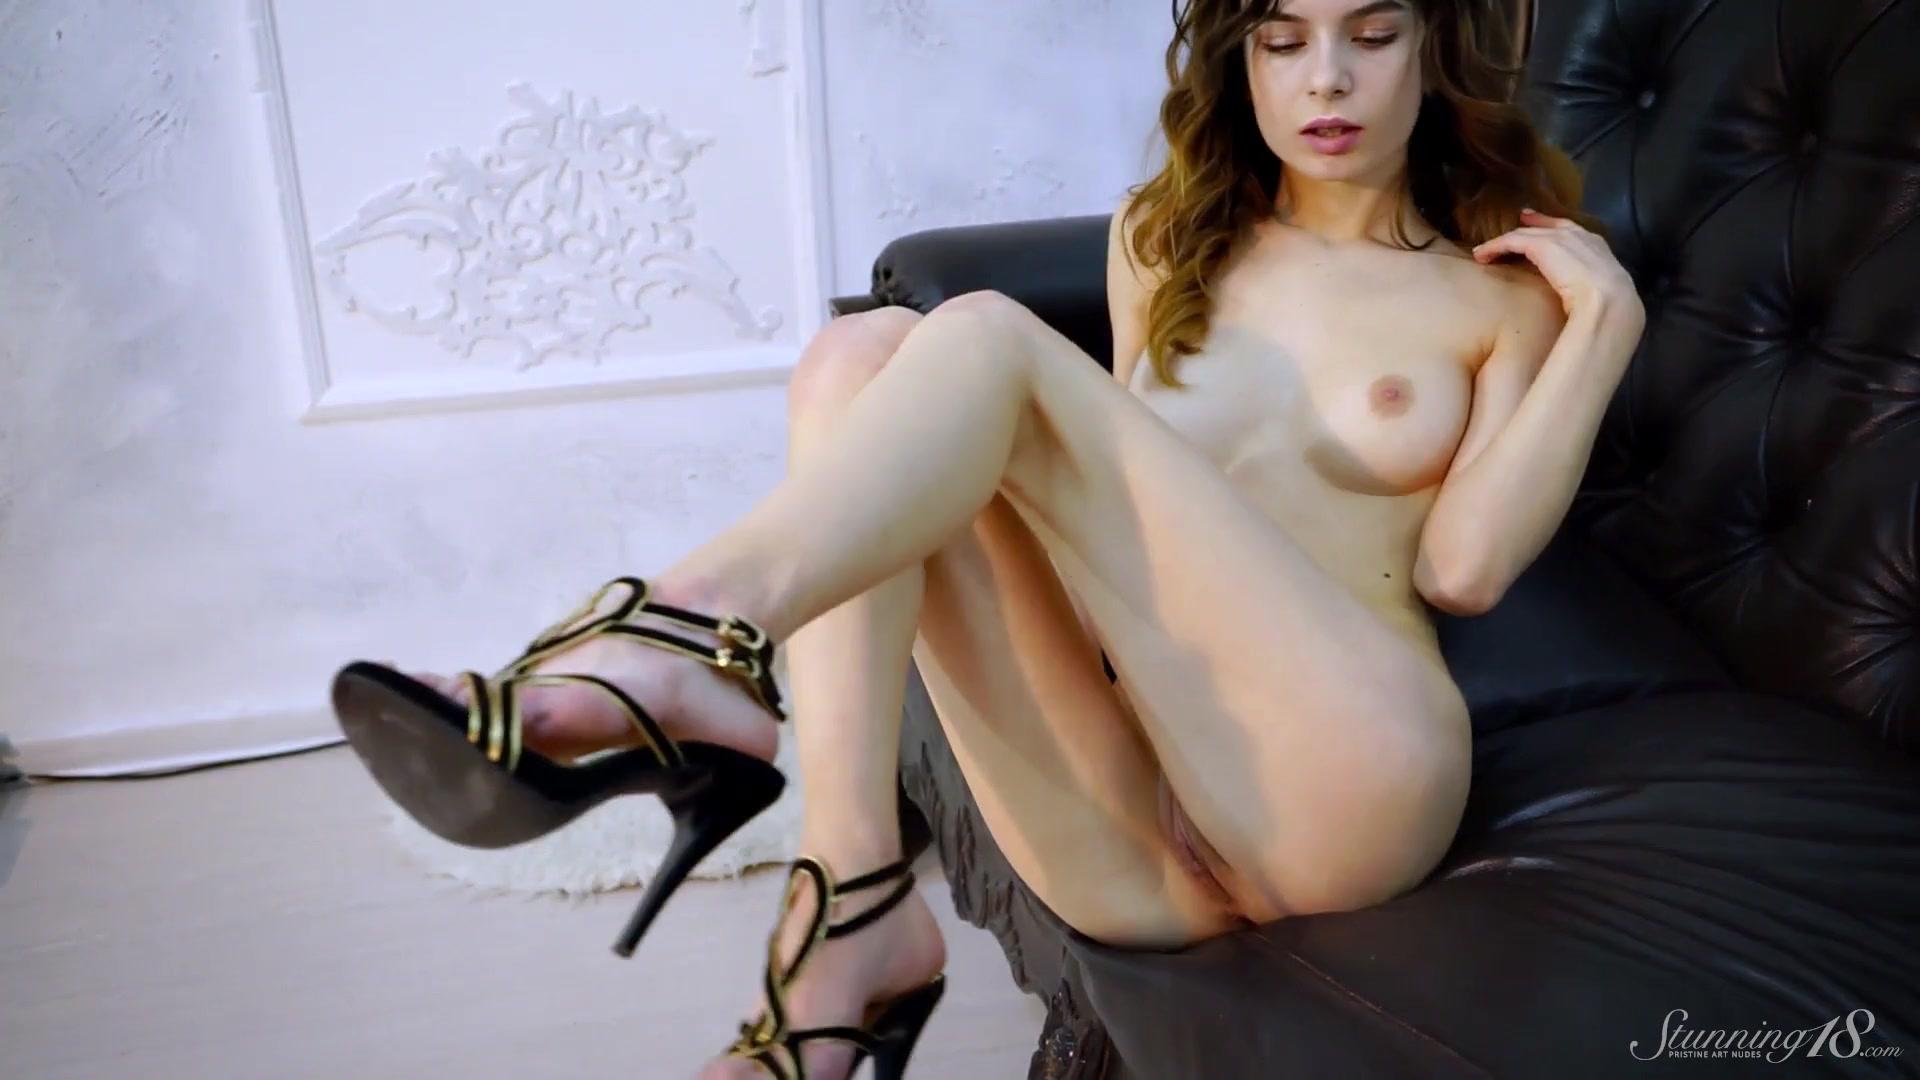 Девушки трахаются с огромными деревянными палками порно видео, смотреть онлайн девушка просит секса у прохожего русское